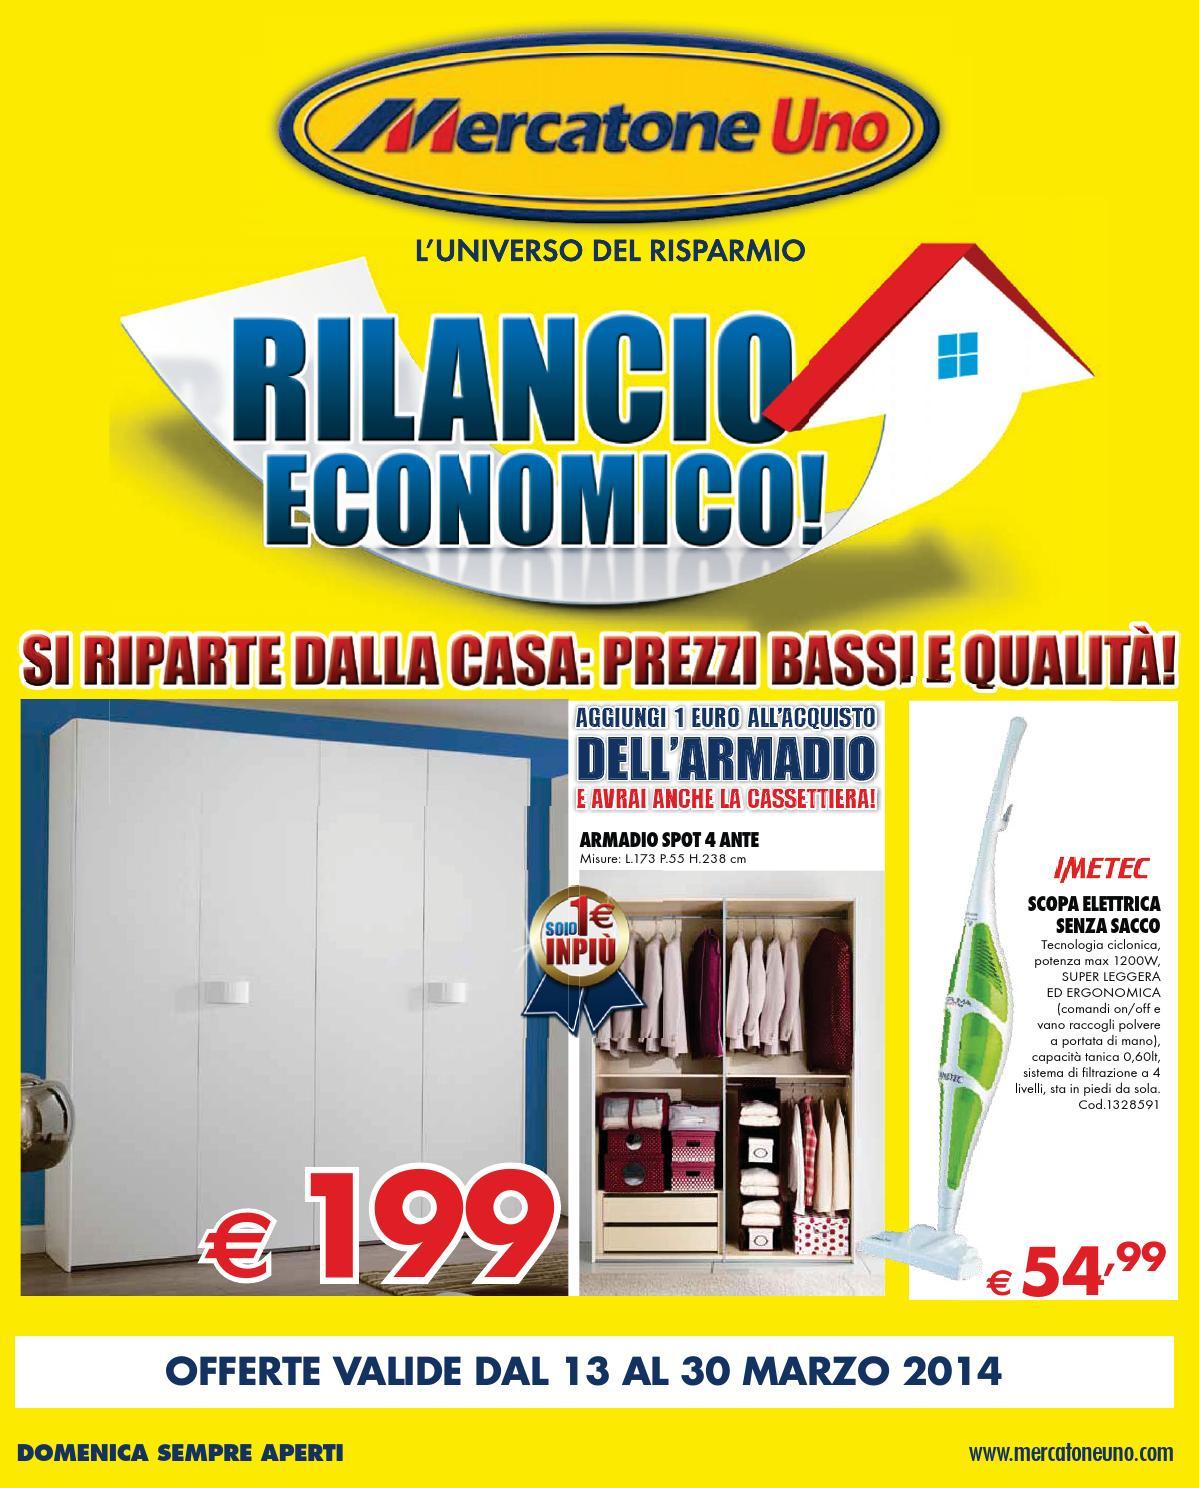 Mercatone uno rilancio economico by mobilpro issuu for Armadio ante scorrevoli mercatone uno